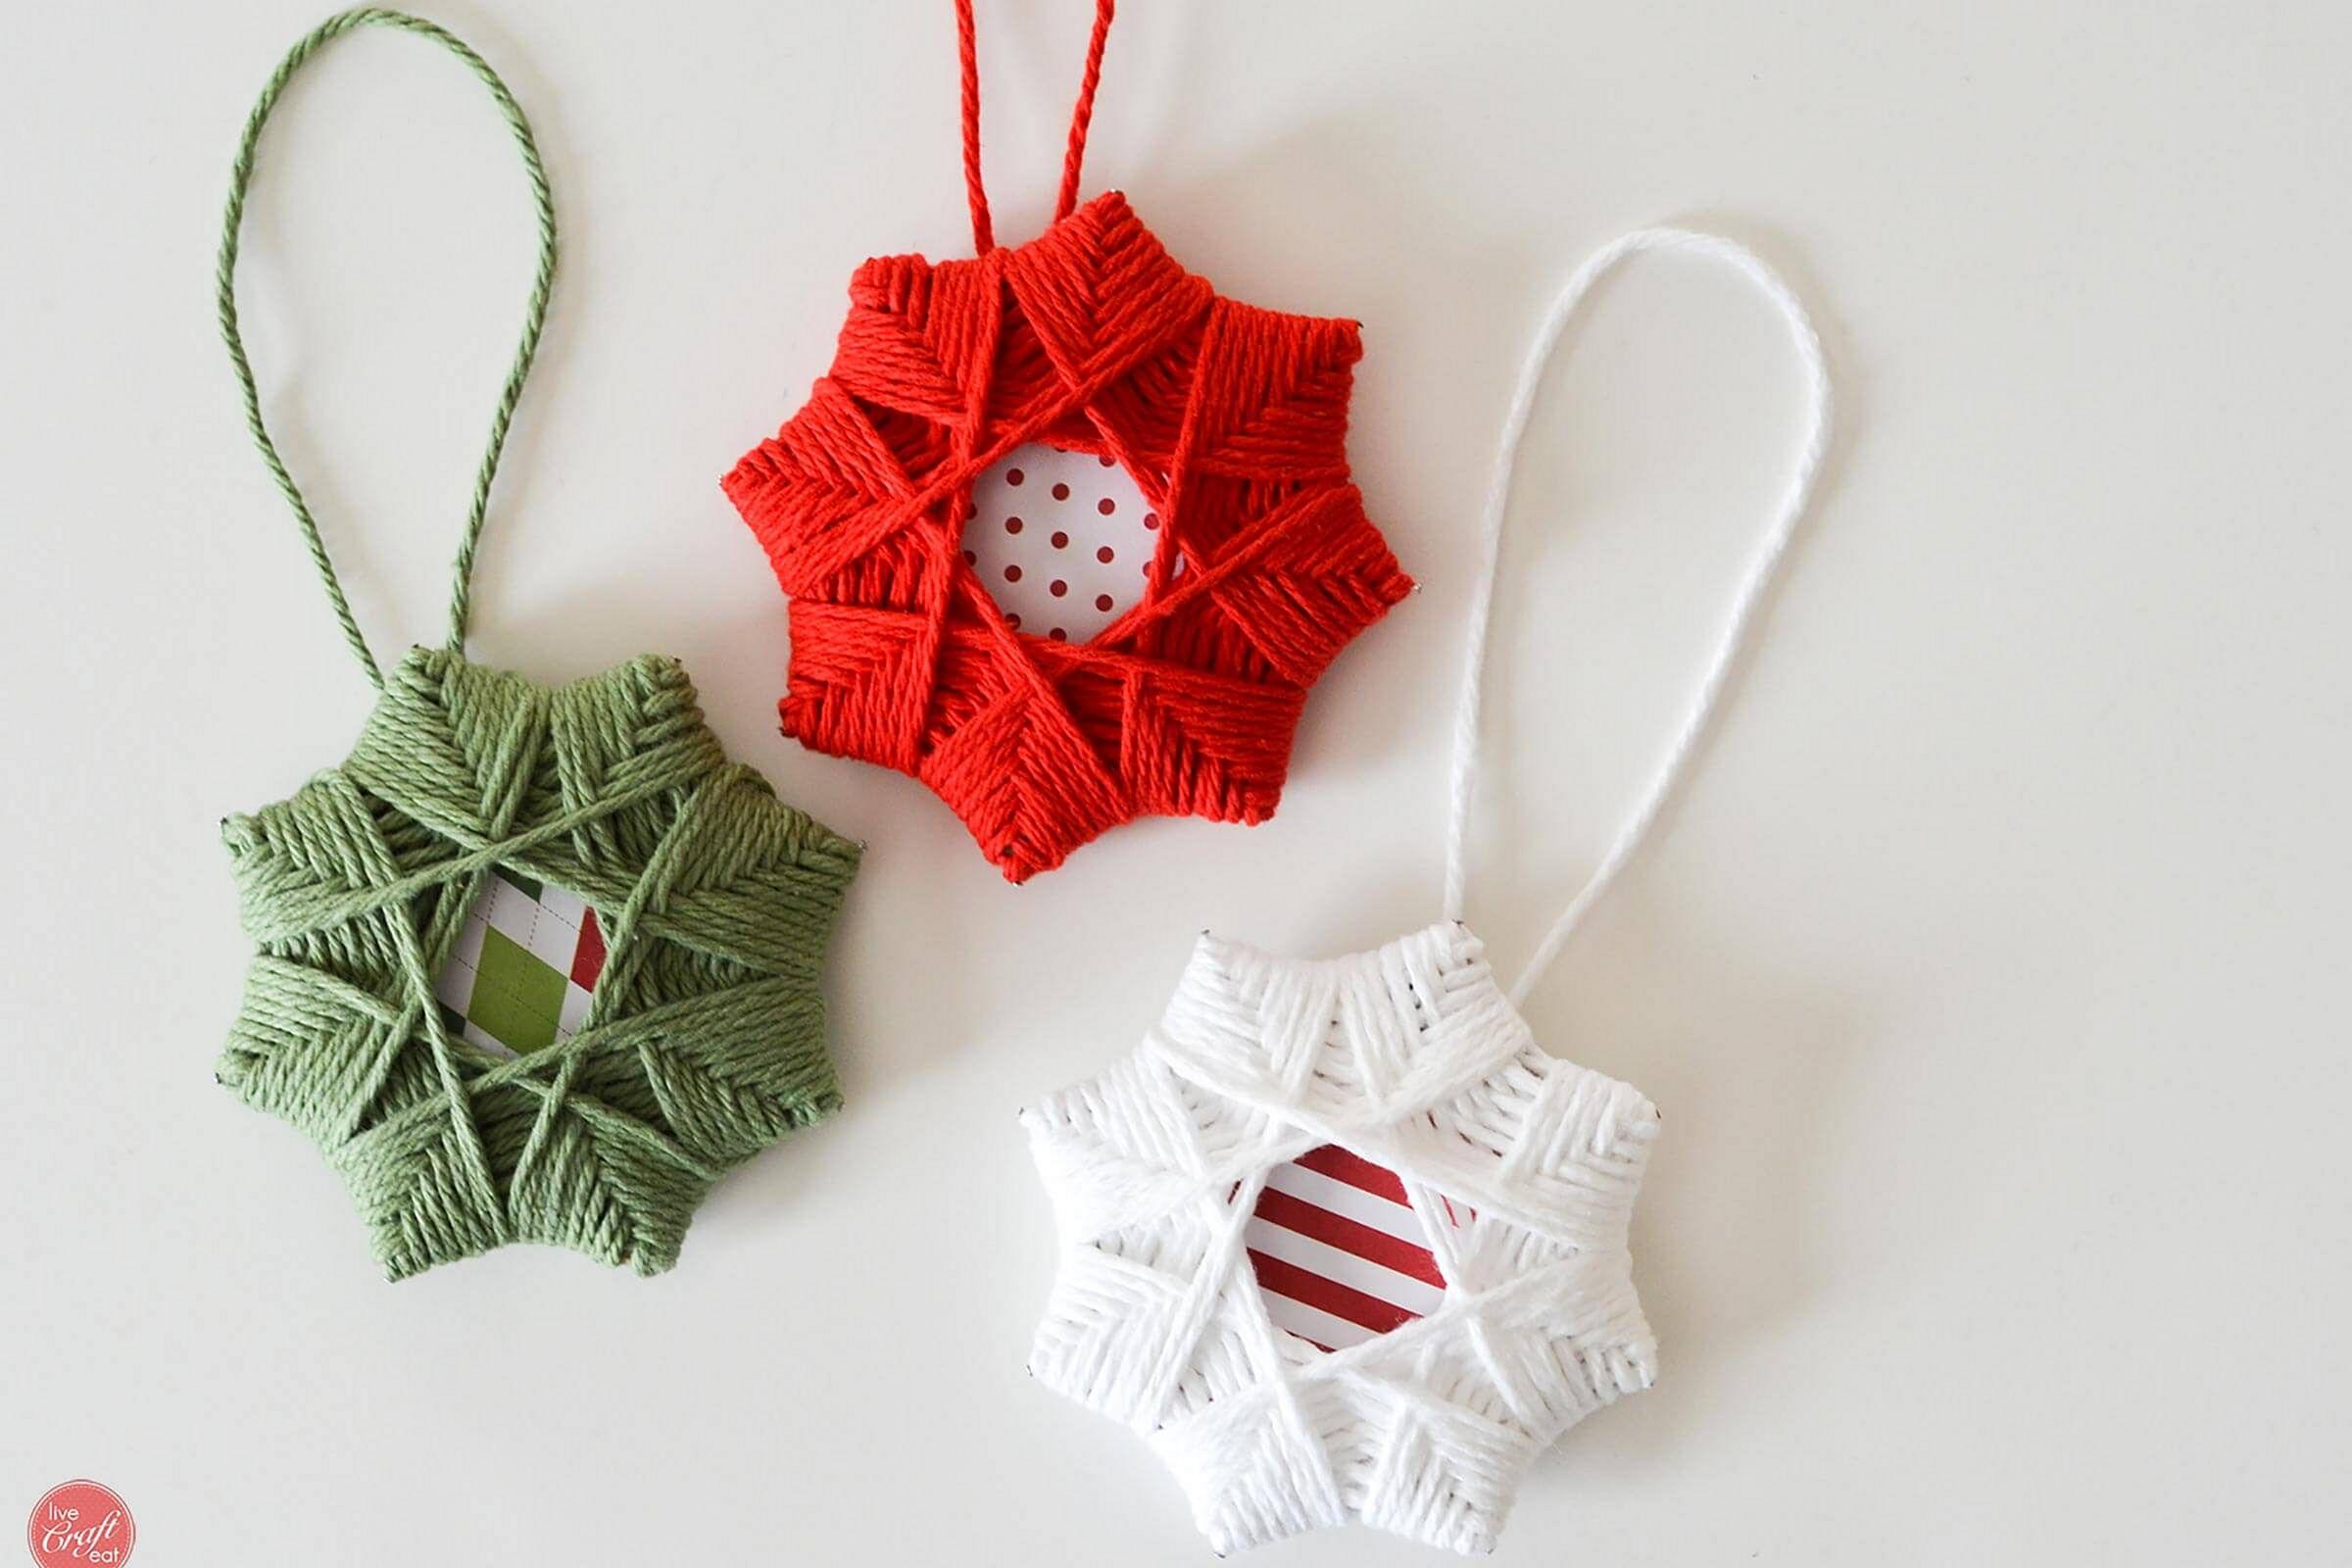 DIY Ornament Christmas Ideas 28